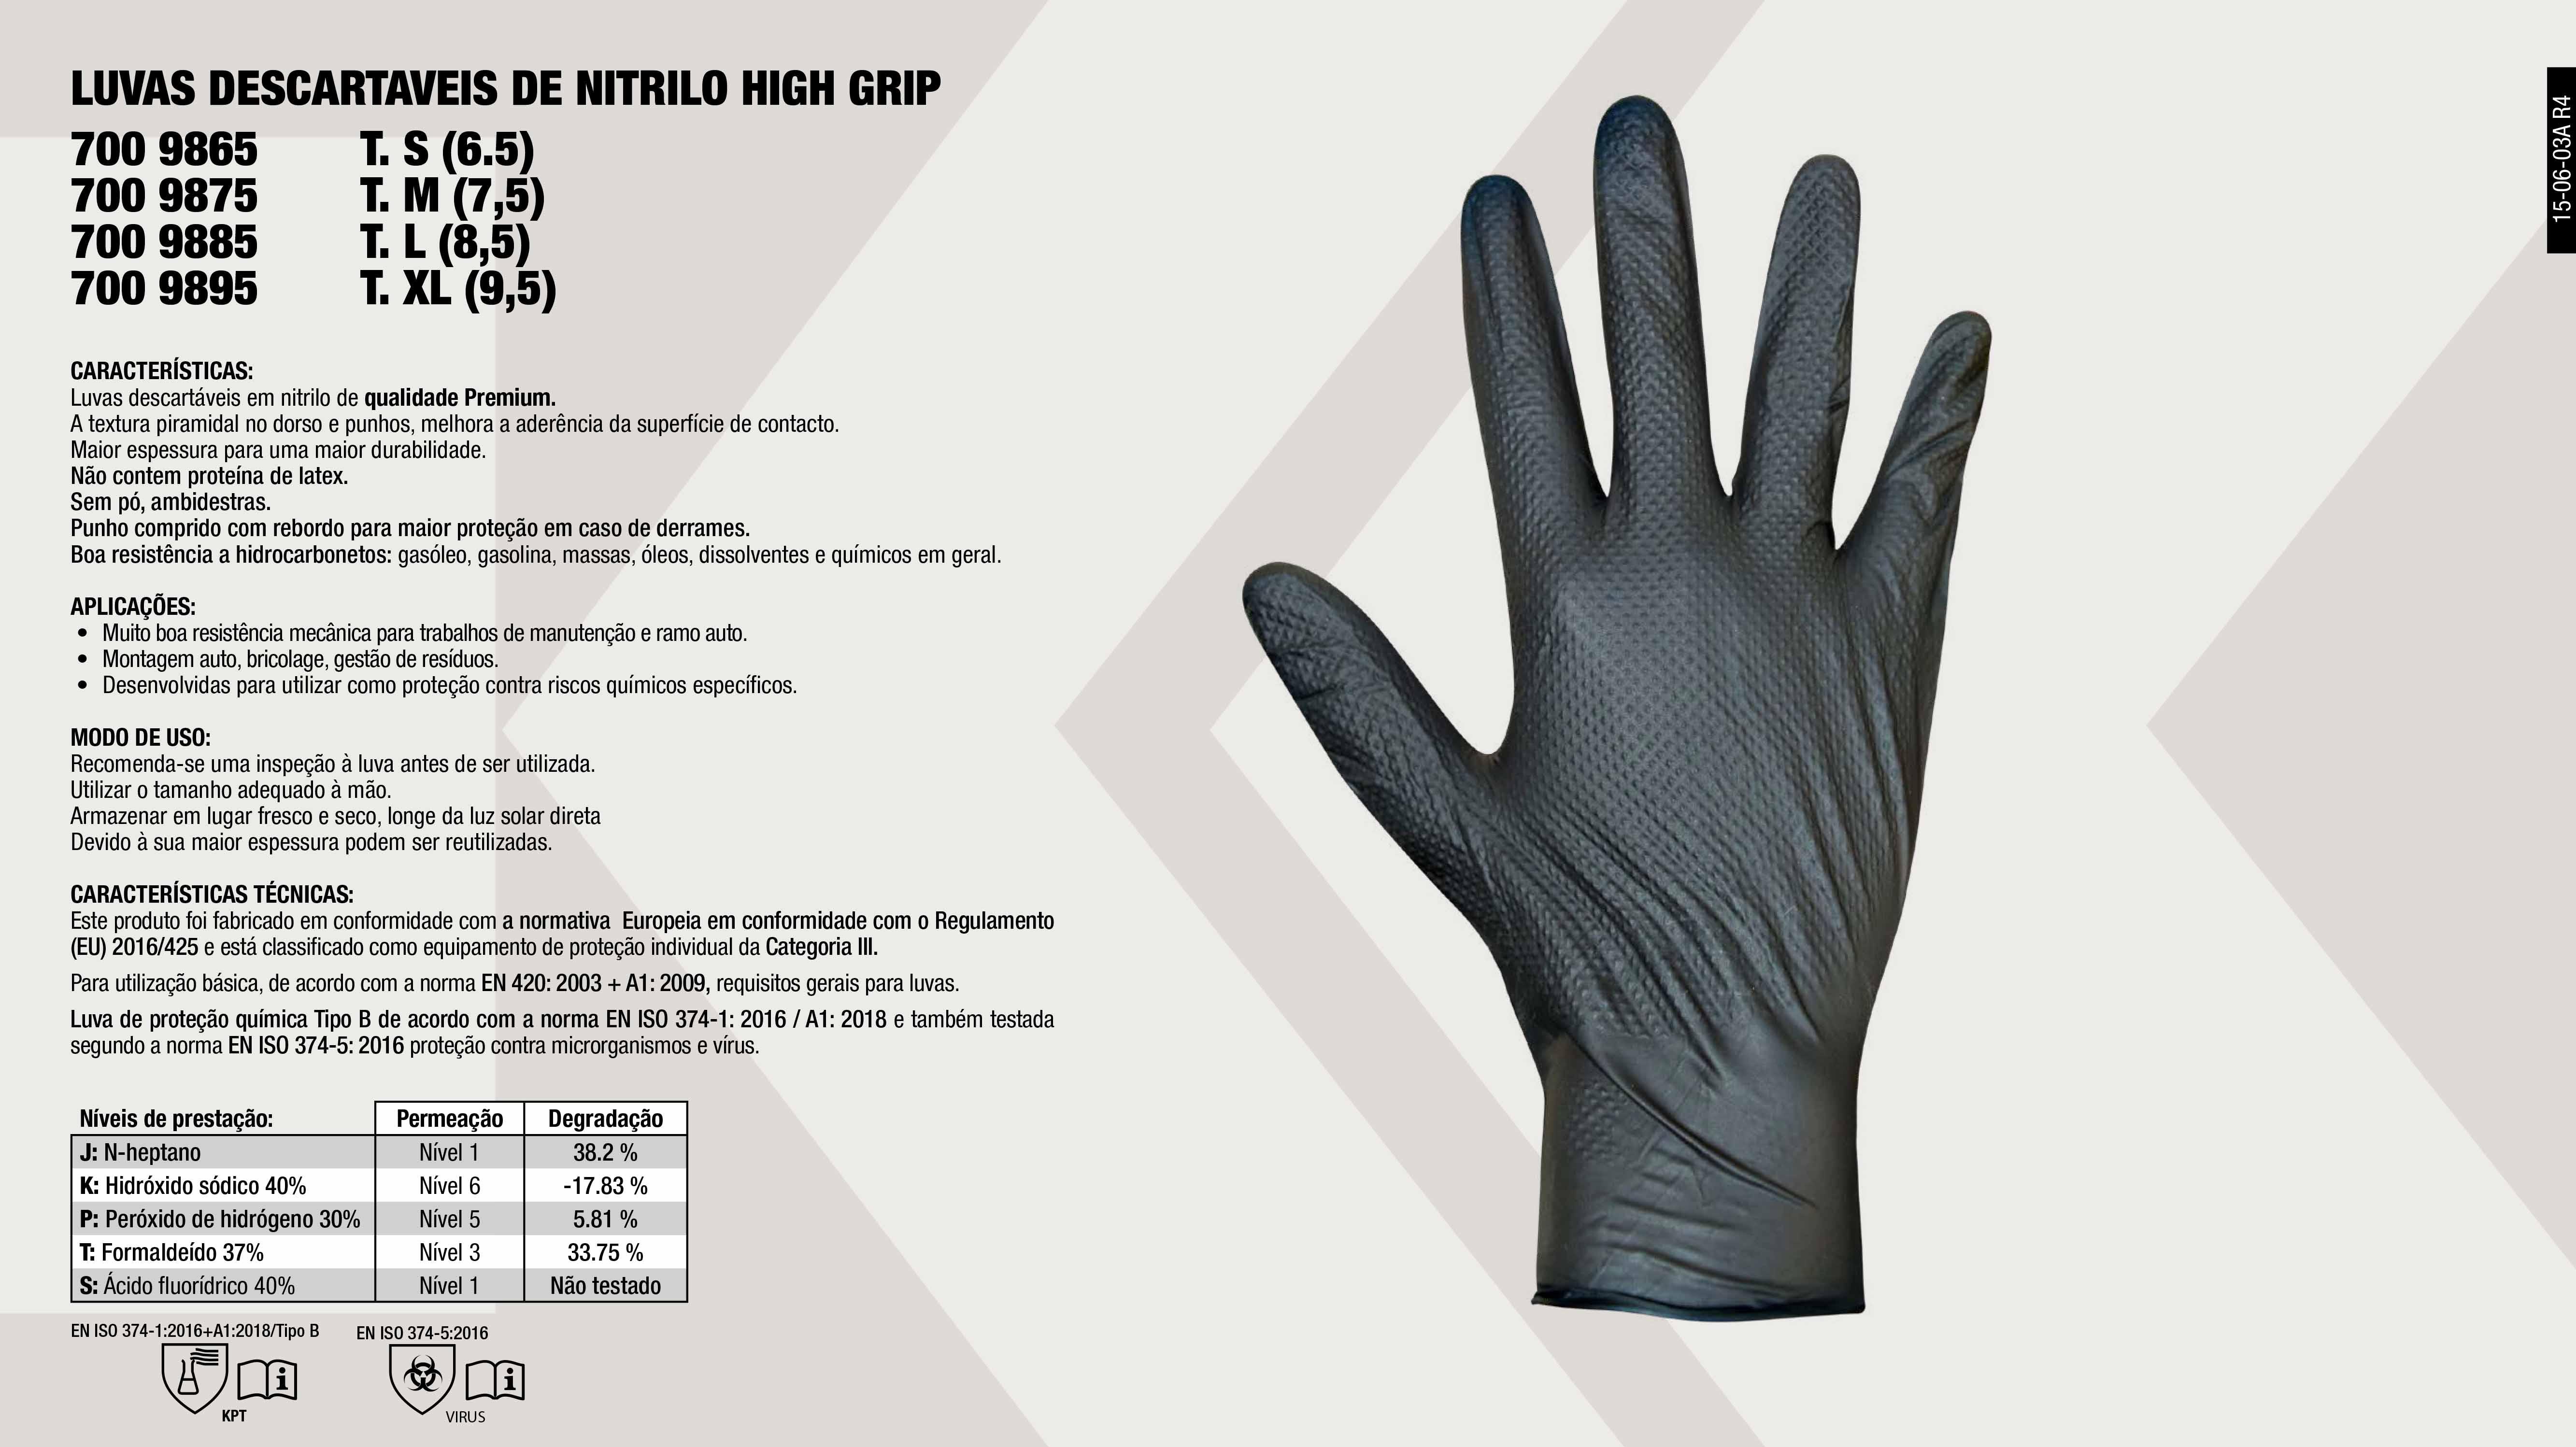 ARMÇÃO ANTI-CAIDAS                                          ,  CORDA ARNÊS 1,5M                                            ,  MOSQUETÃO ARNÊS                                             ,  KIT COMPLETO ARNÊS + CINTO                                  ,